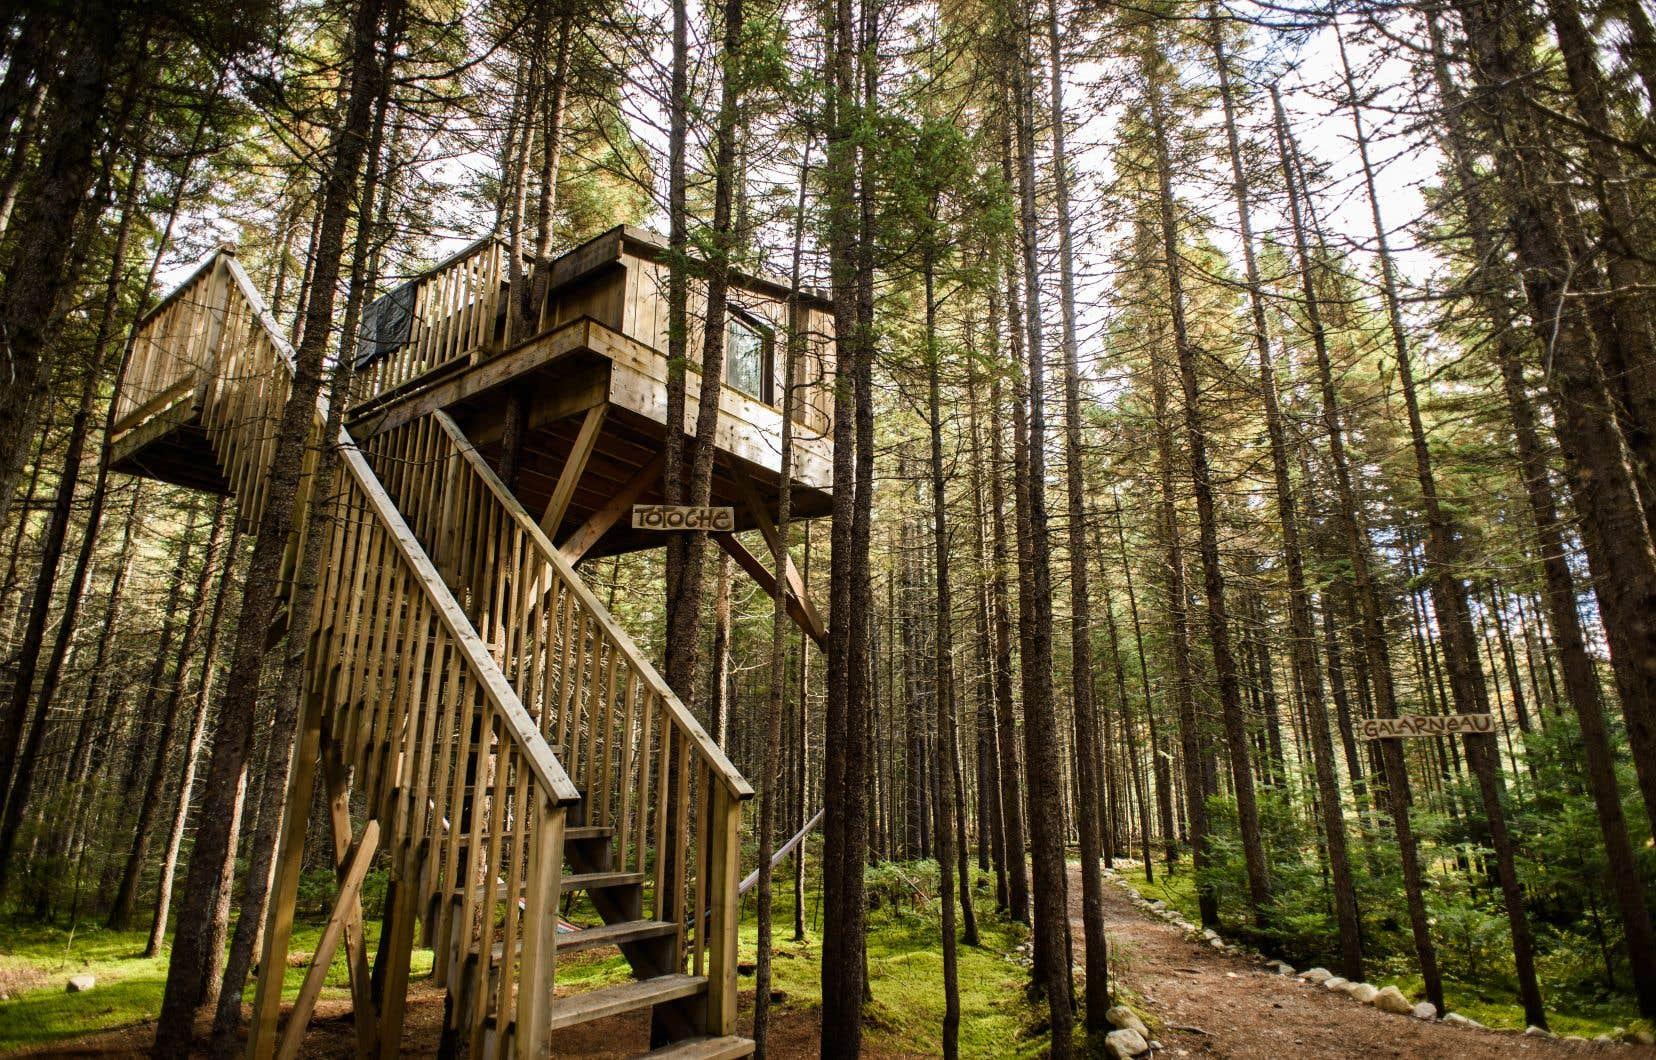 L'une des cabanes perchées de Kabania, située en plein cœur du parc régional de la Forêt Ouareau